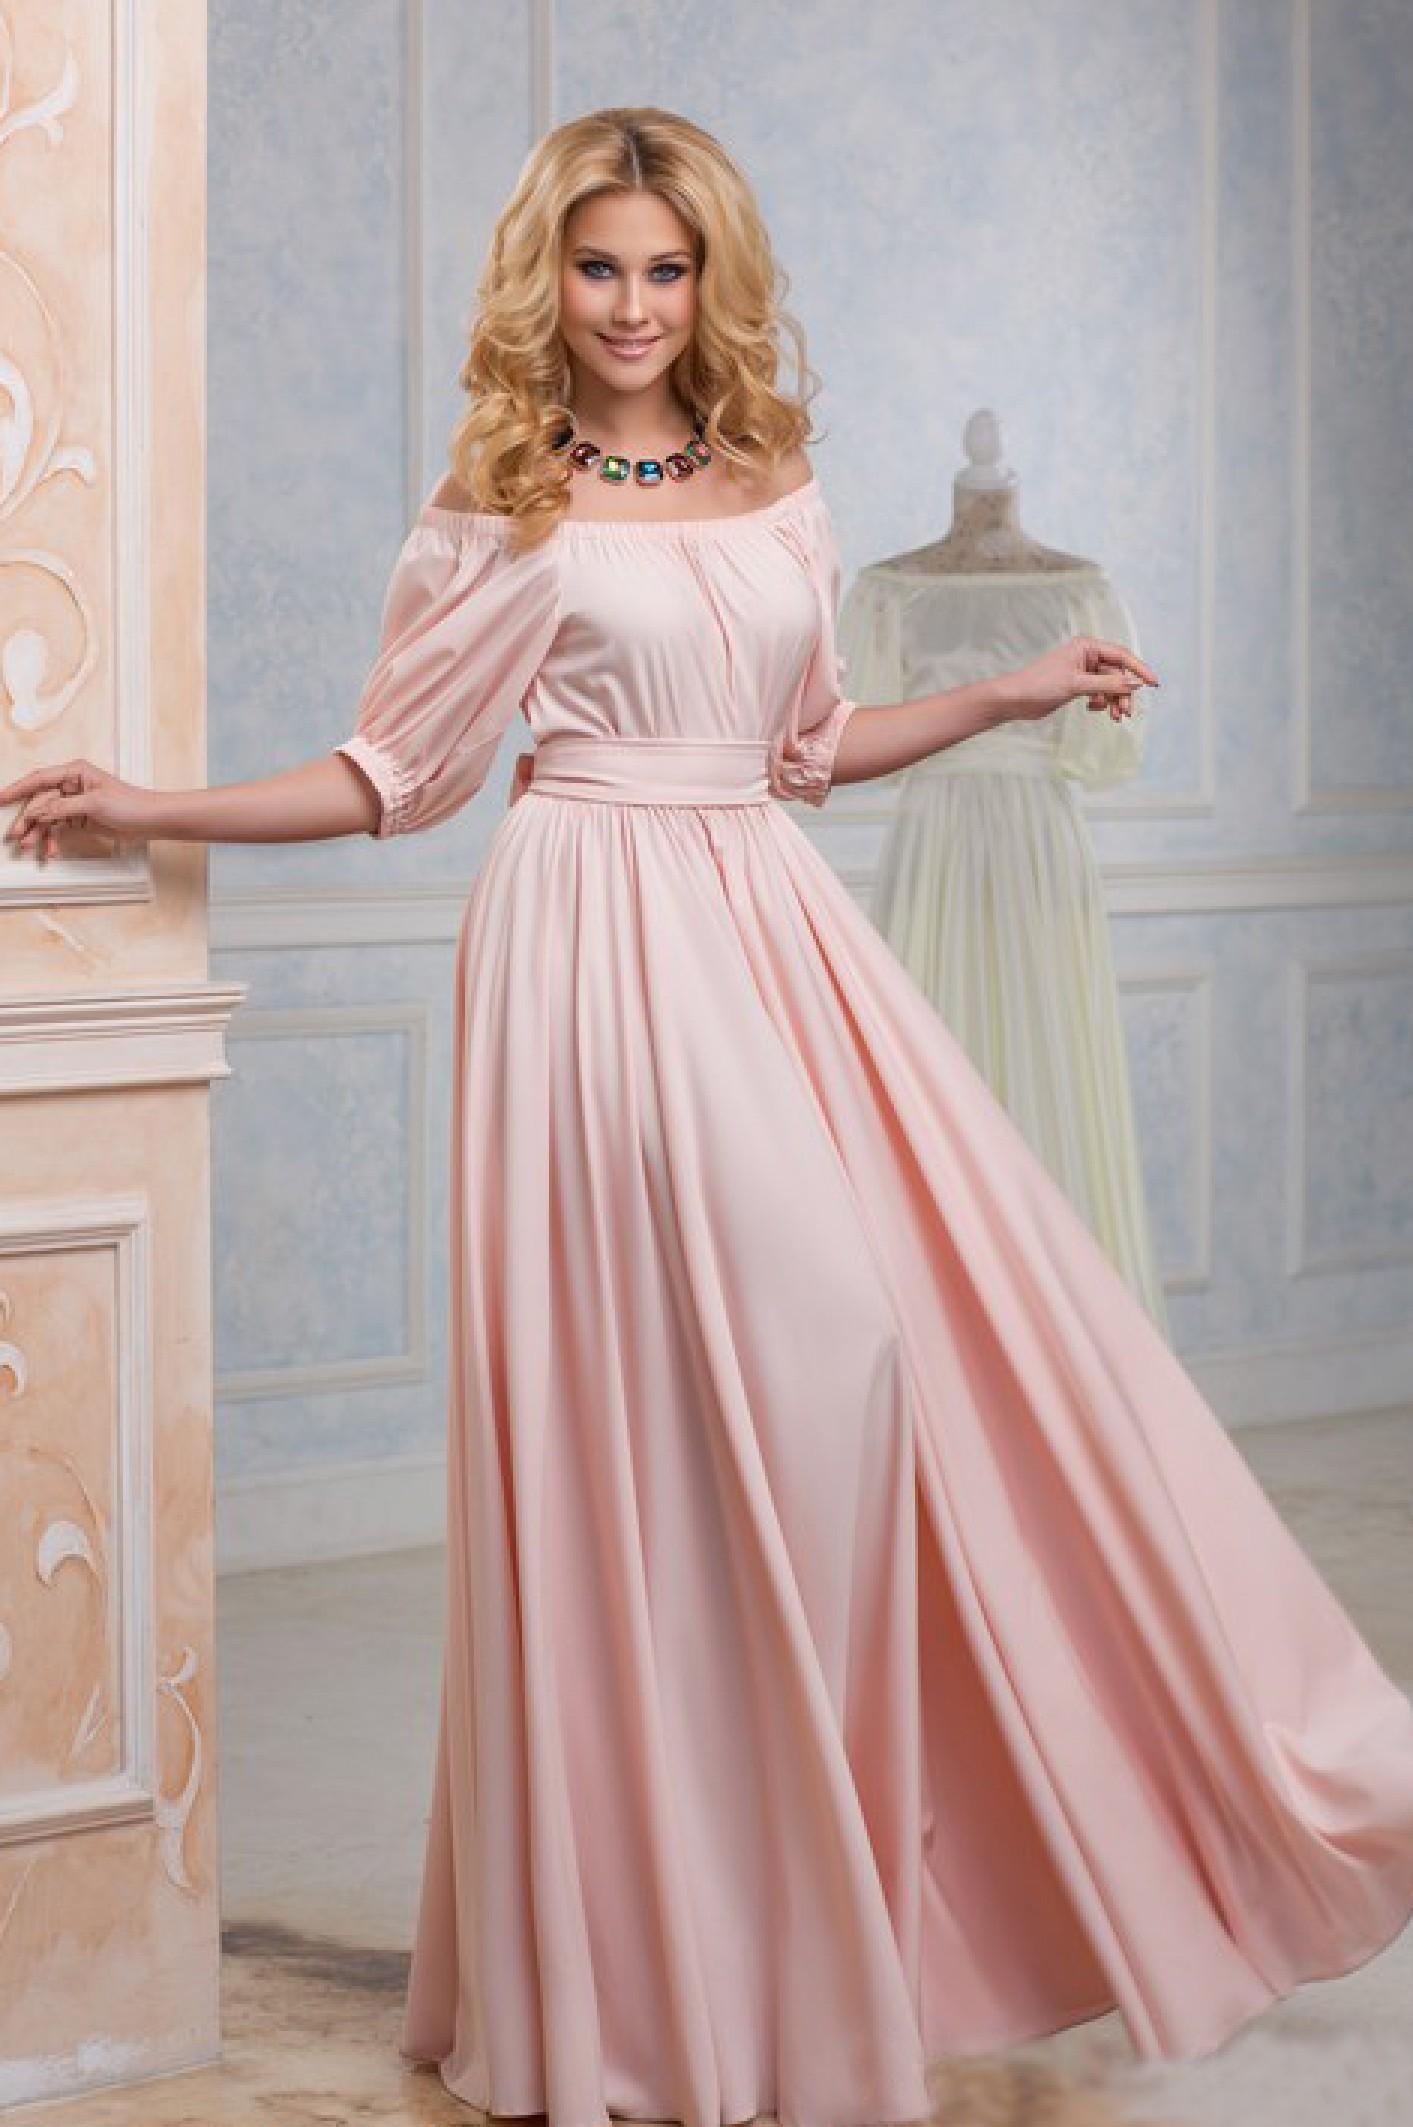 9c93a10cf12 Купить вечернее атласное платье в пол розового цвета. Радэлия  интернет-магазин женской одежды.